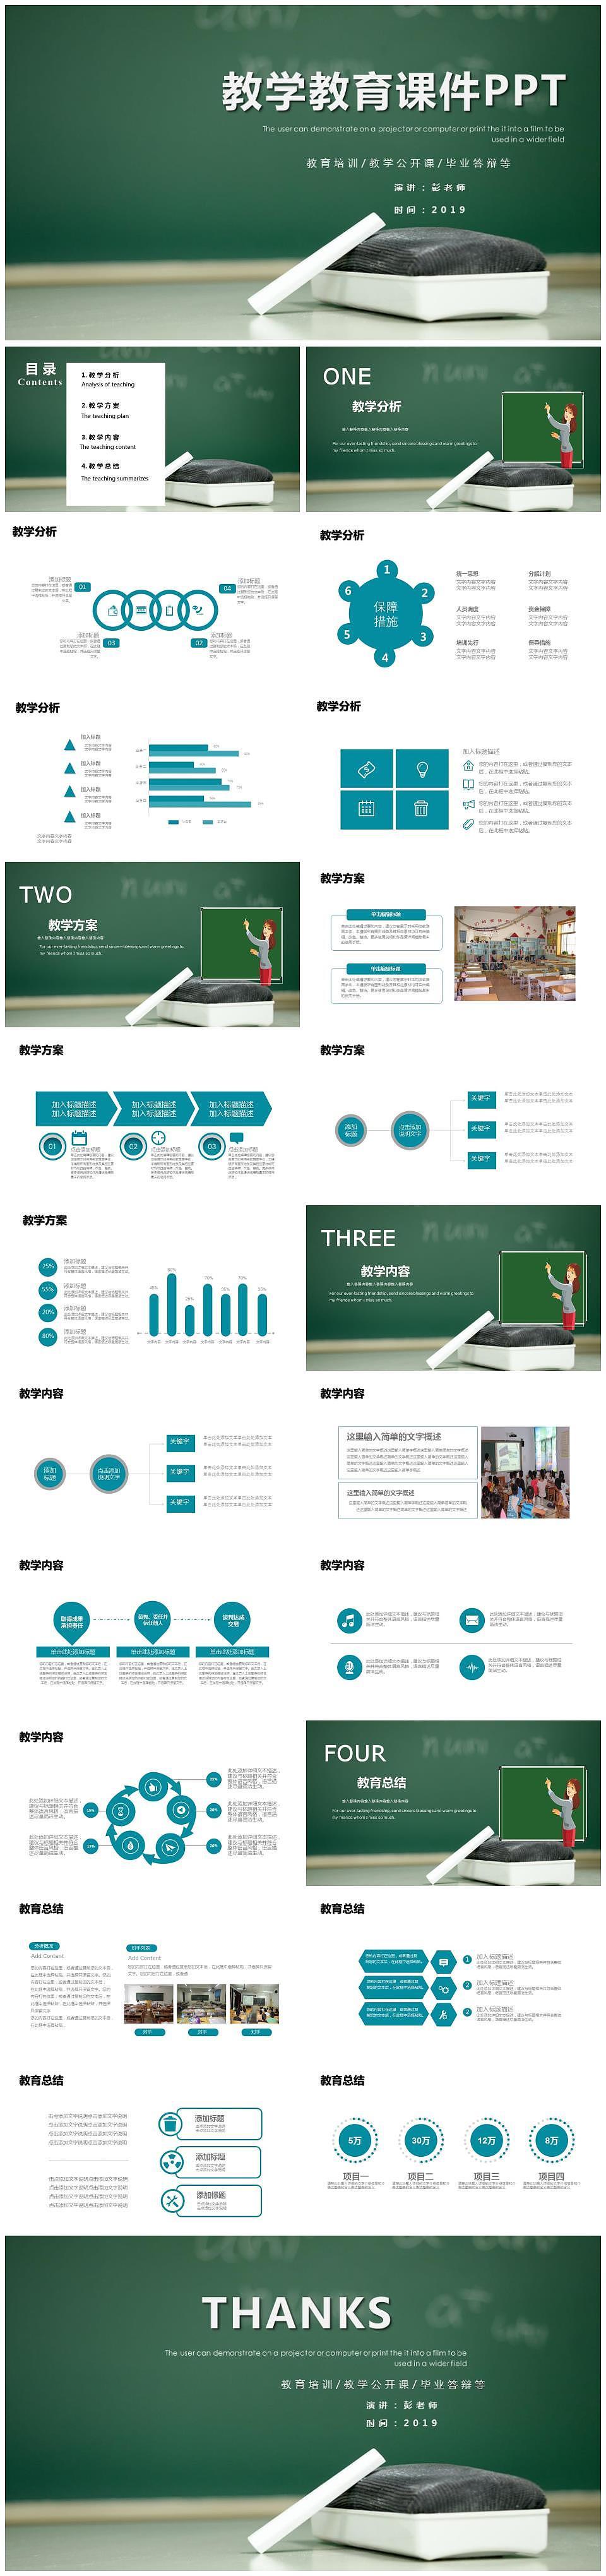 教育教学科研演示课件ppt模板图片